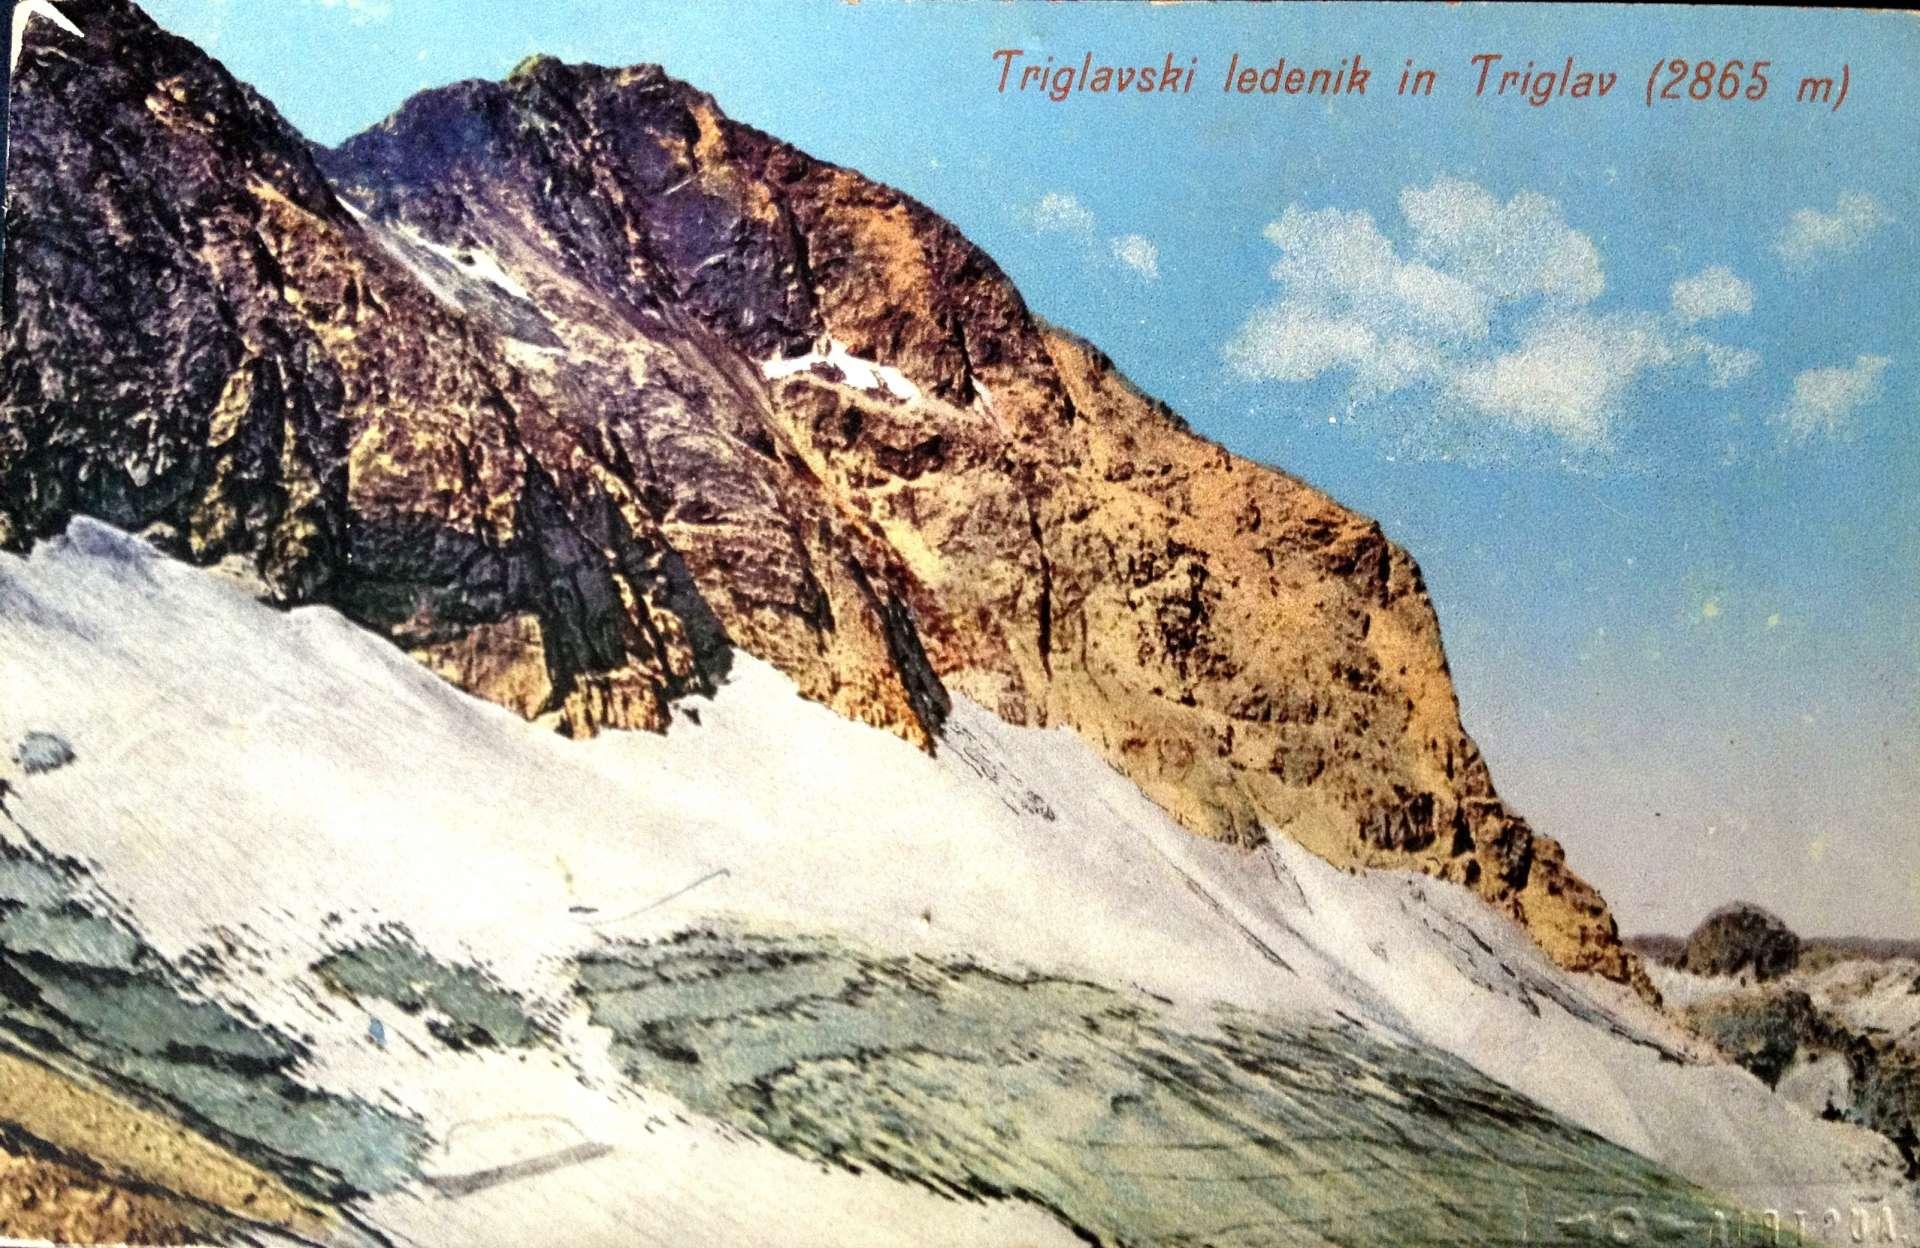 Triglav Glacier in 1905, photo by Fran Pavlin